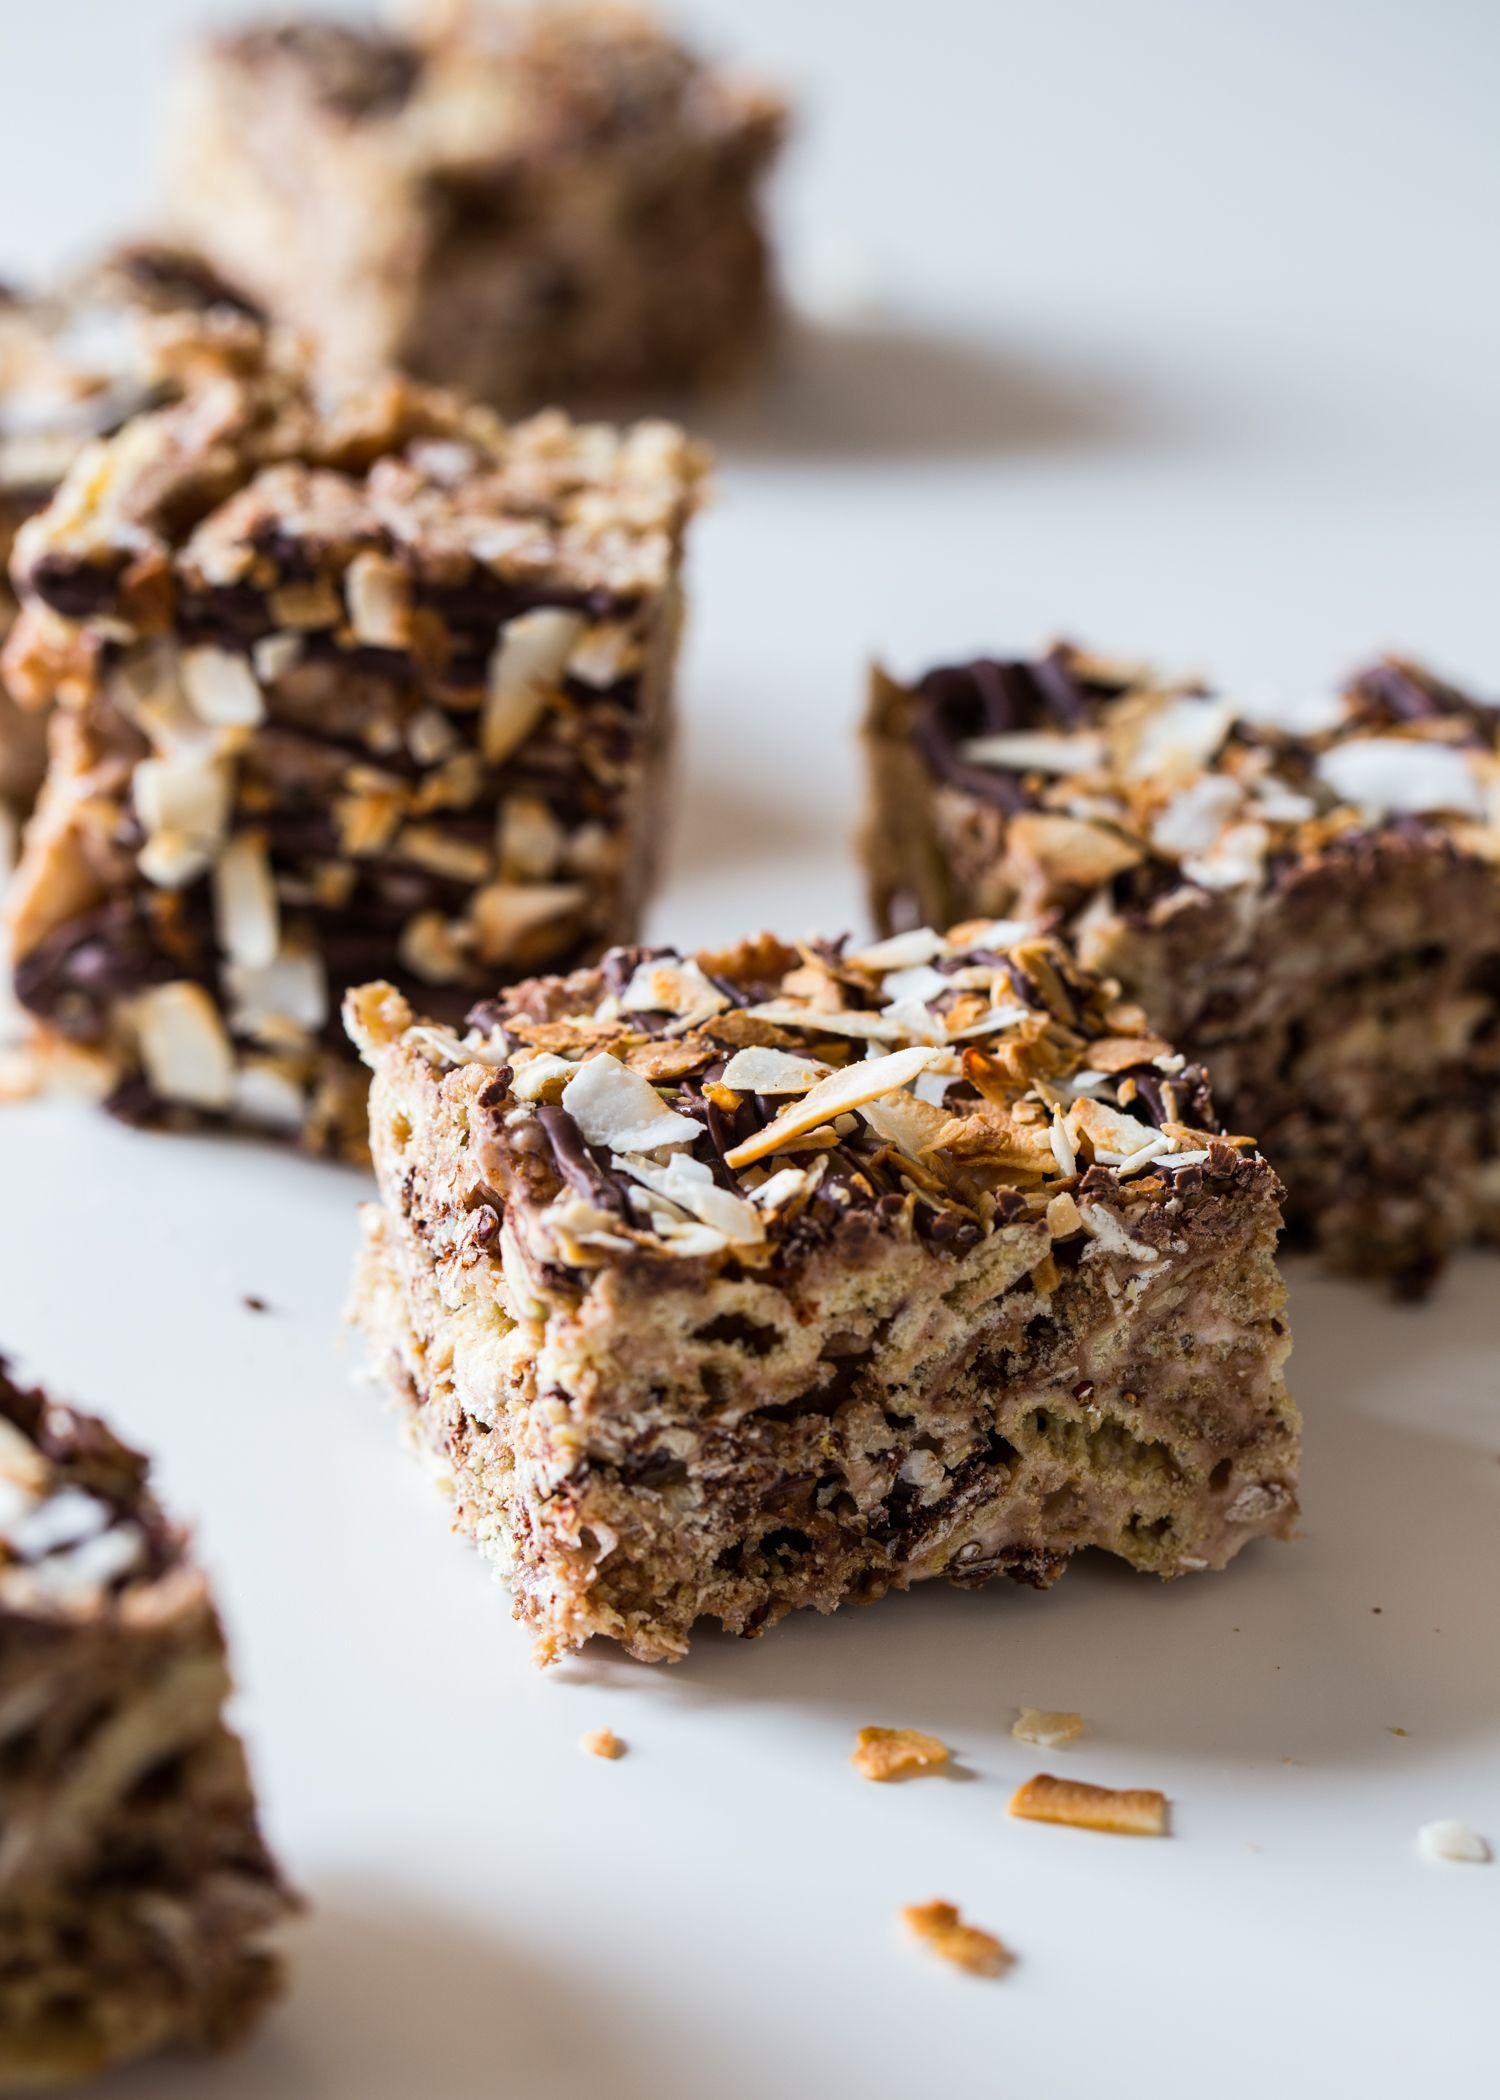 Chocolate Coconut Marshmallow Treats - Jelly Toast #marshmallowtreats